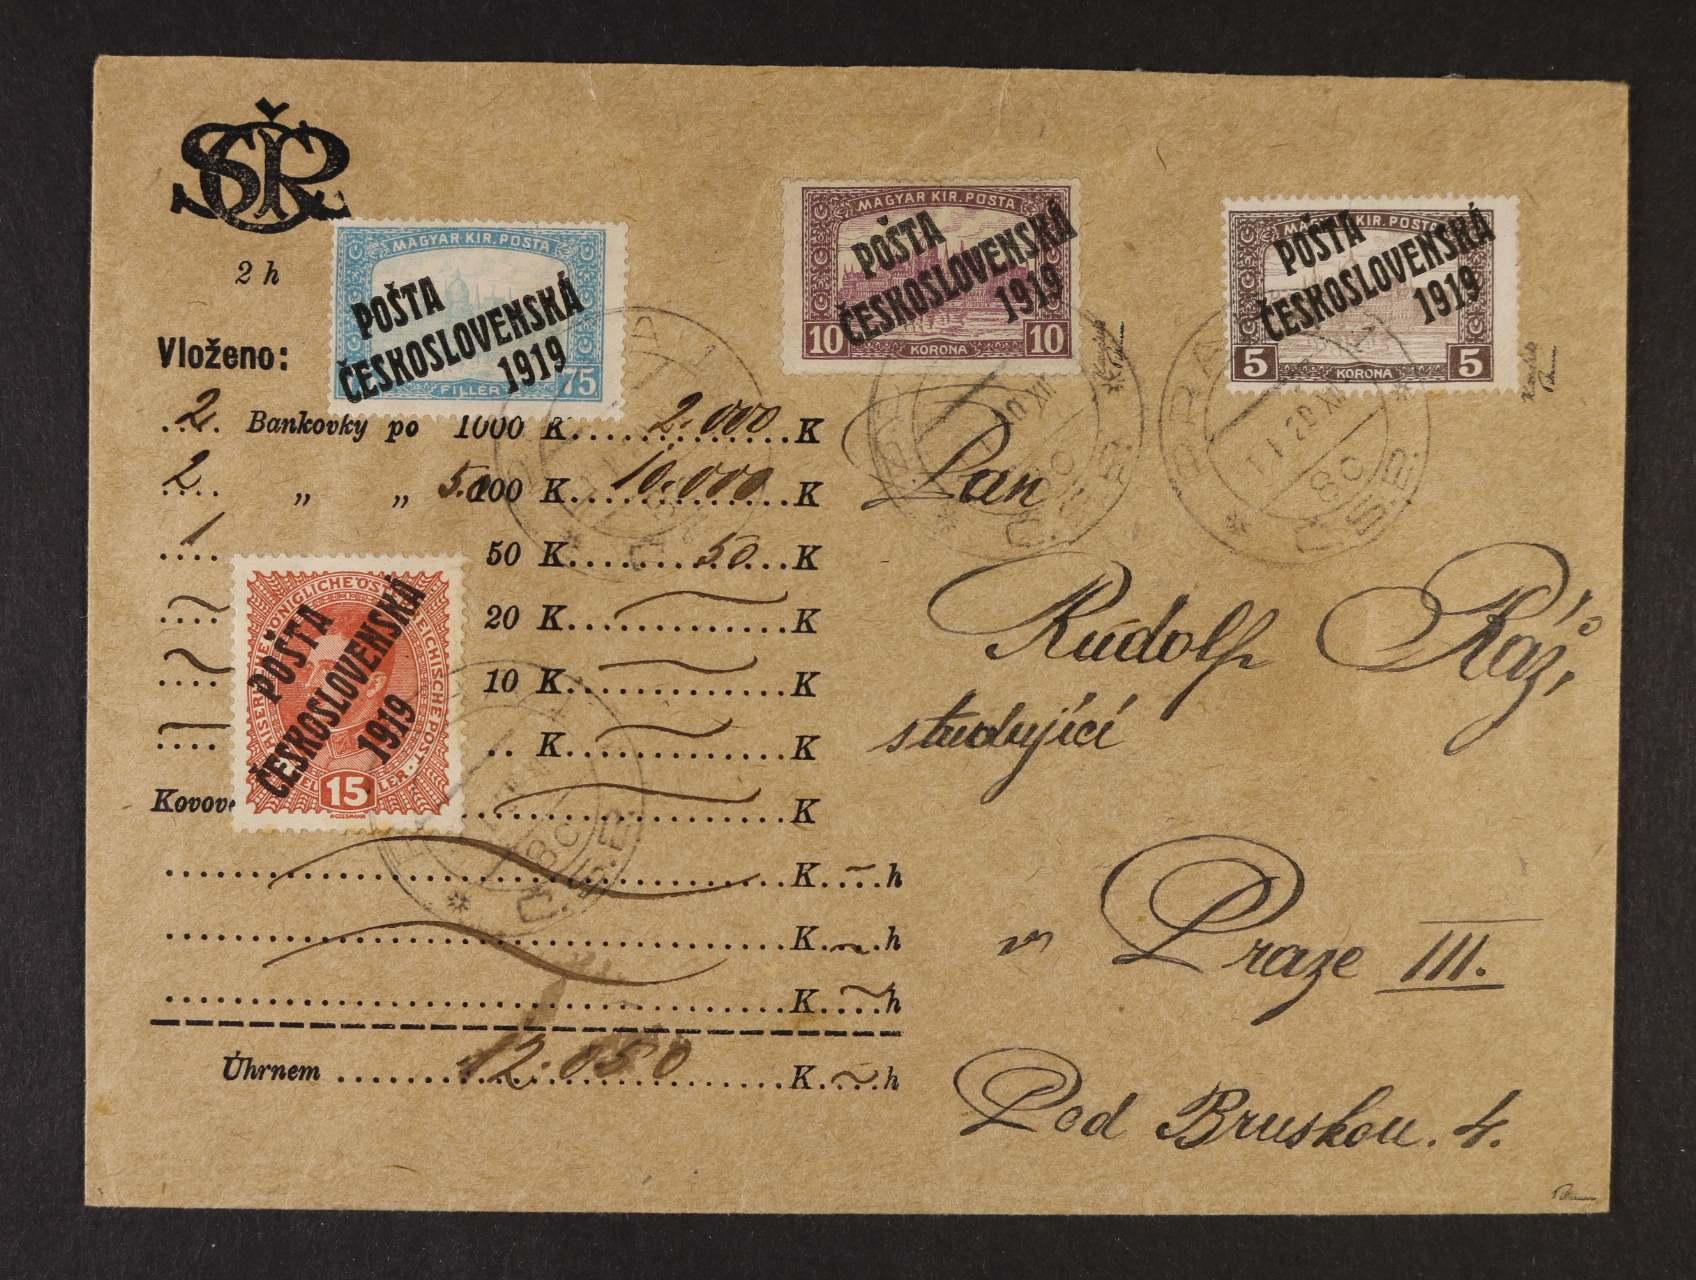 Cenné psaní na částku 12,050K frank. zn. č. 38, 112, 117 a 118, DR PRAHA 1 1.1.1920, zk. Karásek, Pittermann